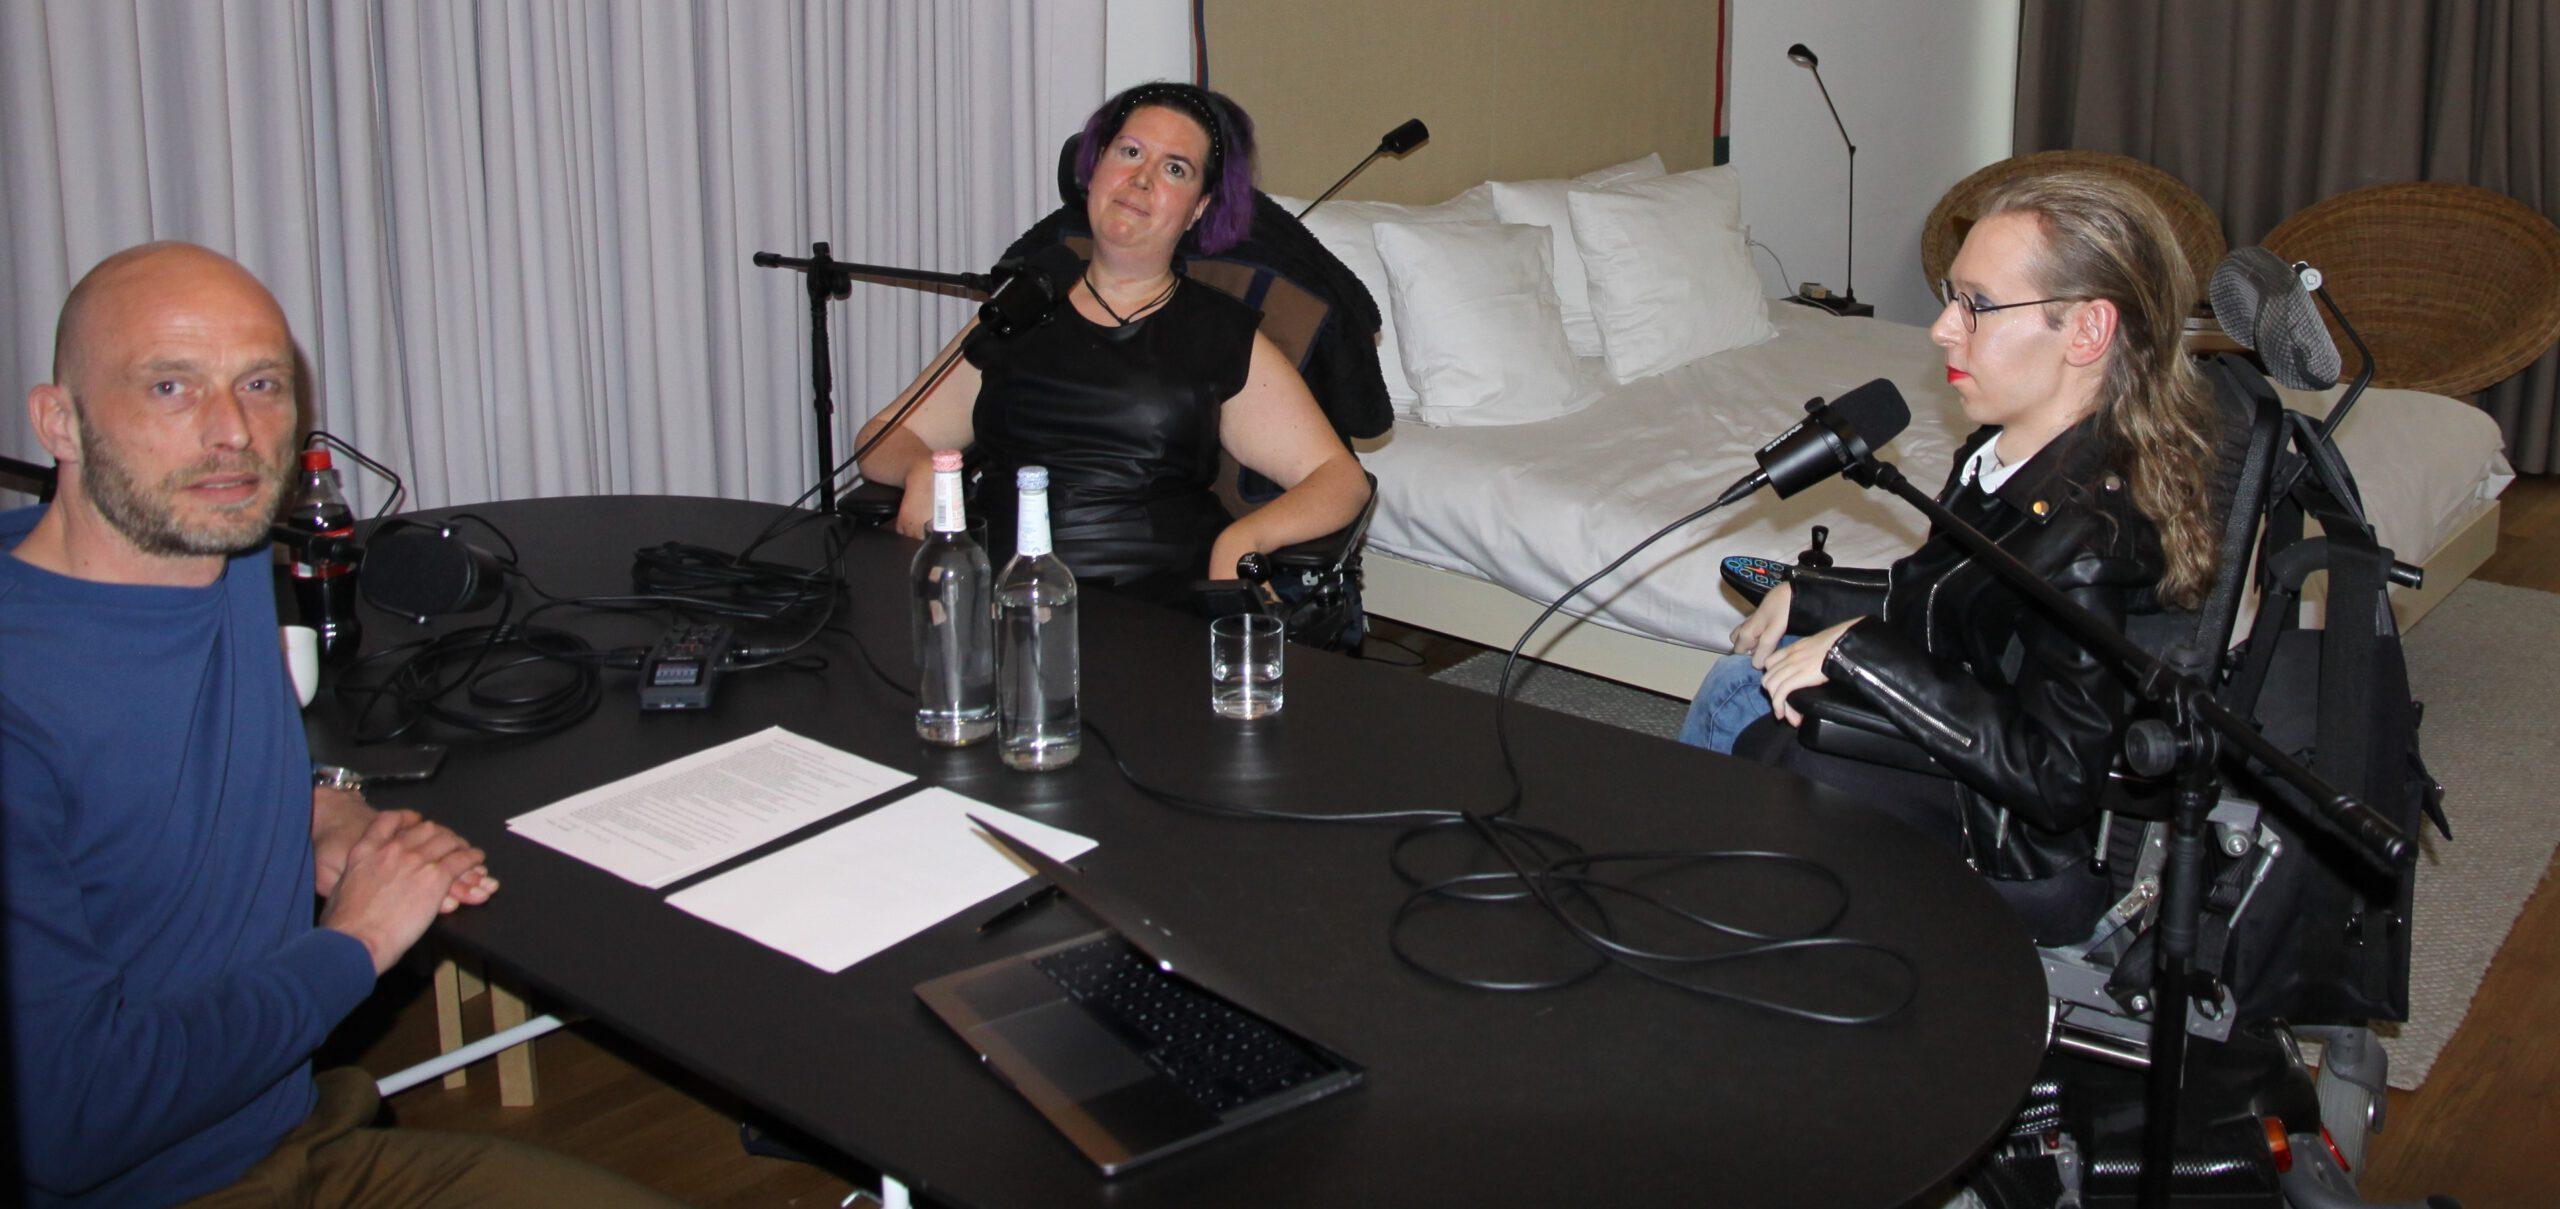 Andre, Jasmin und ich sitzen an einem ovalen schwarzen Tisch. Vor uns stehen die Mikrofone, gleich beginnt die Aufnahme für Heiß und Fetisch.